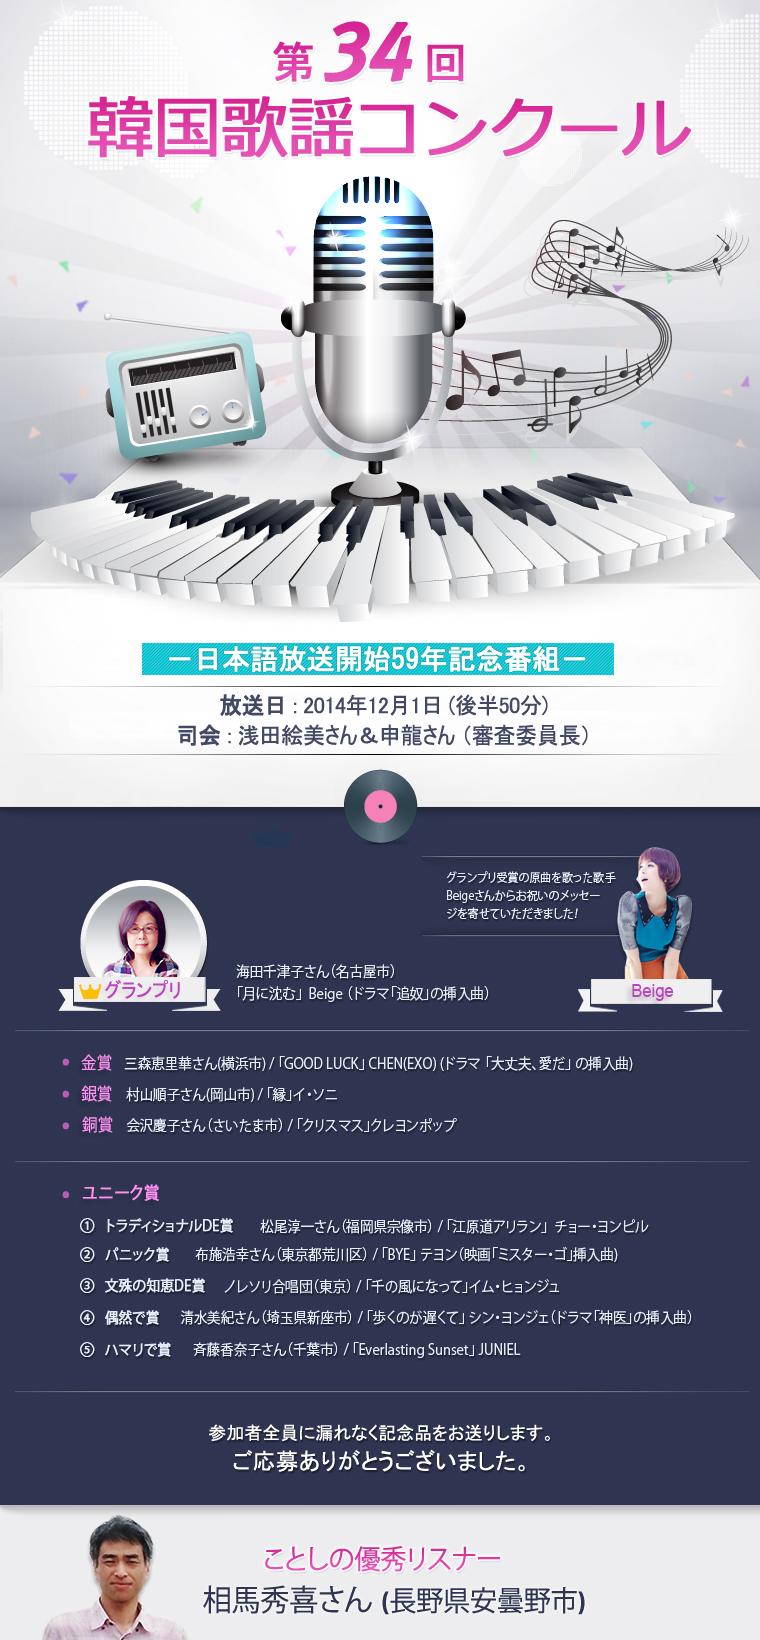 第34回韓国歌謡コンクール information file